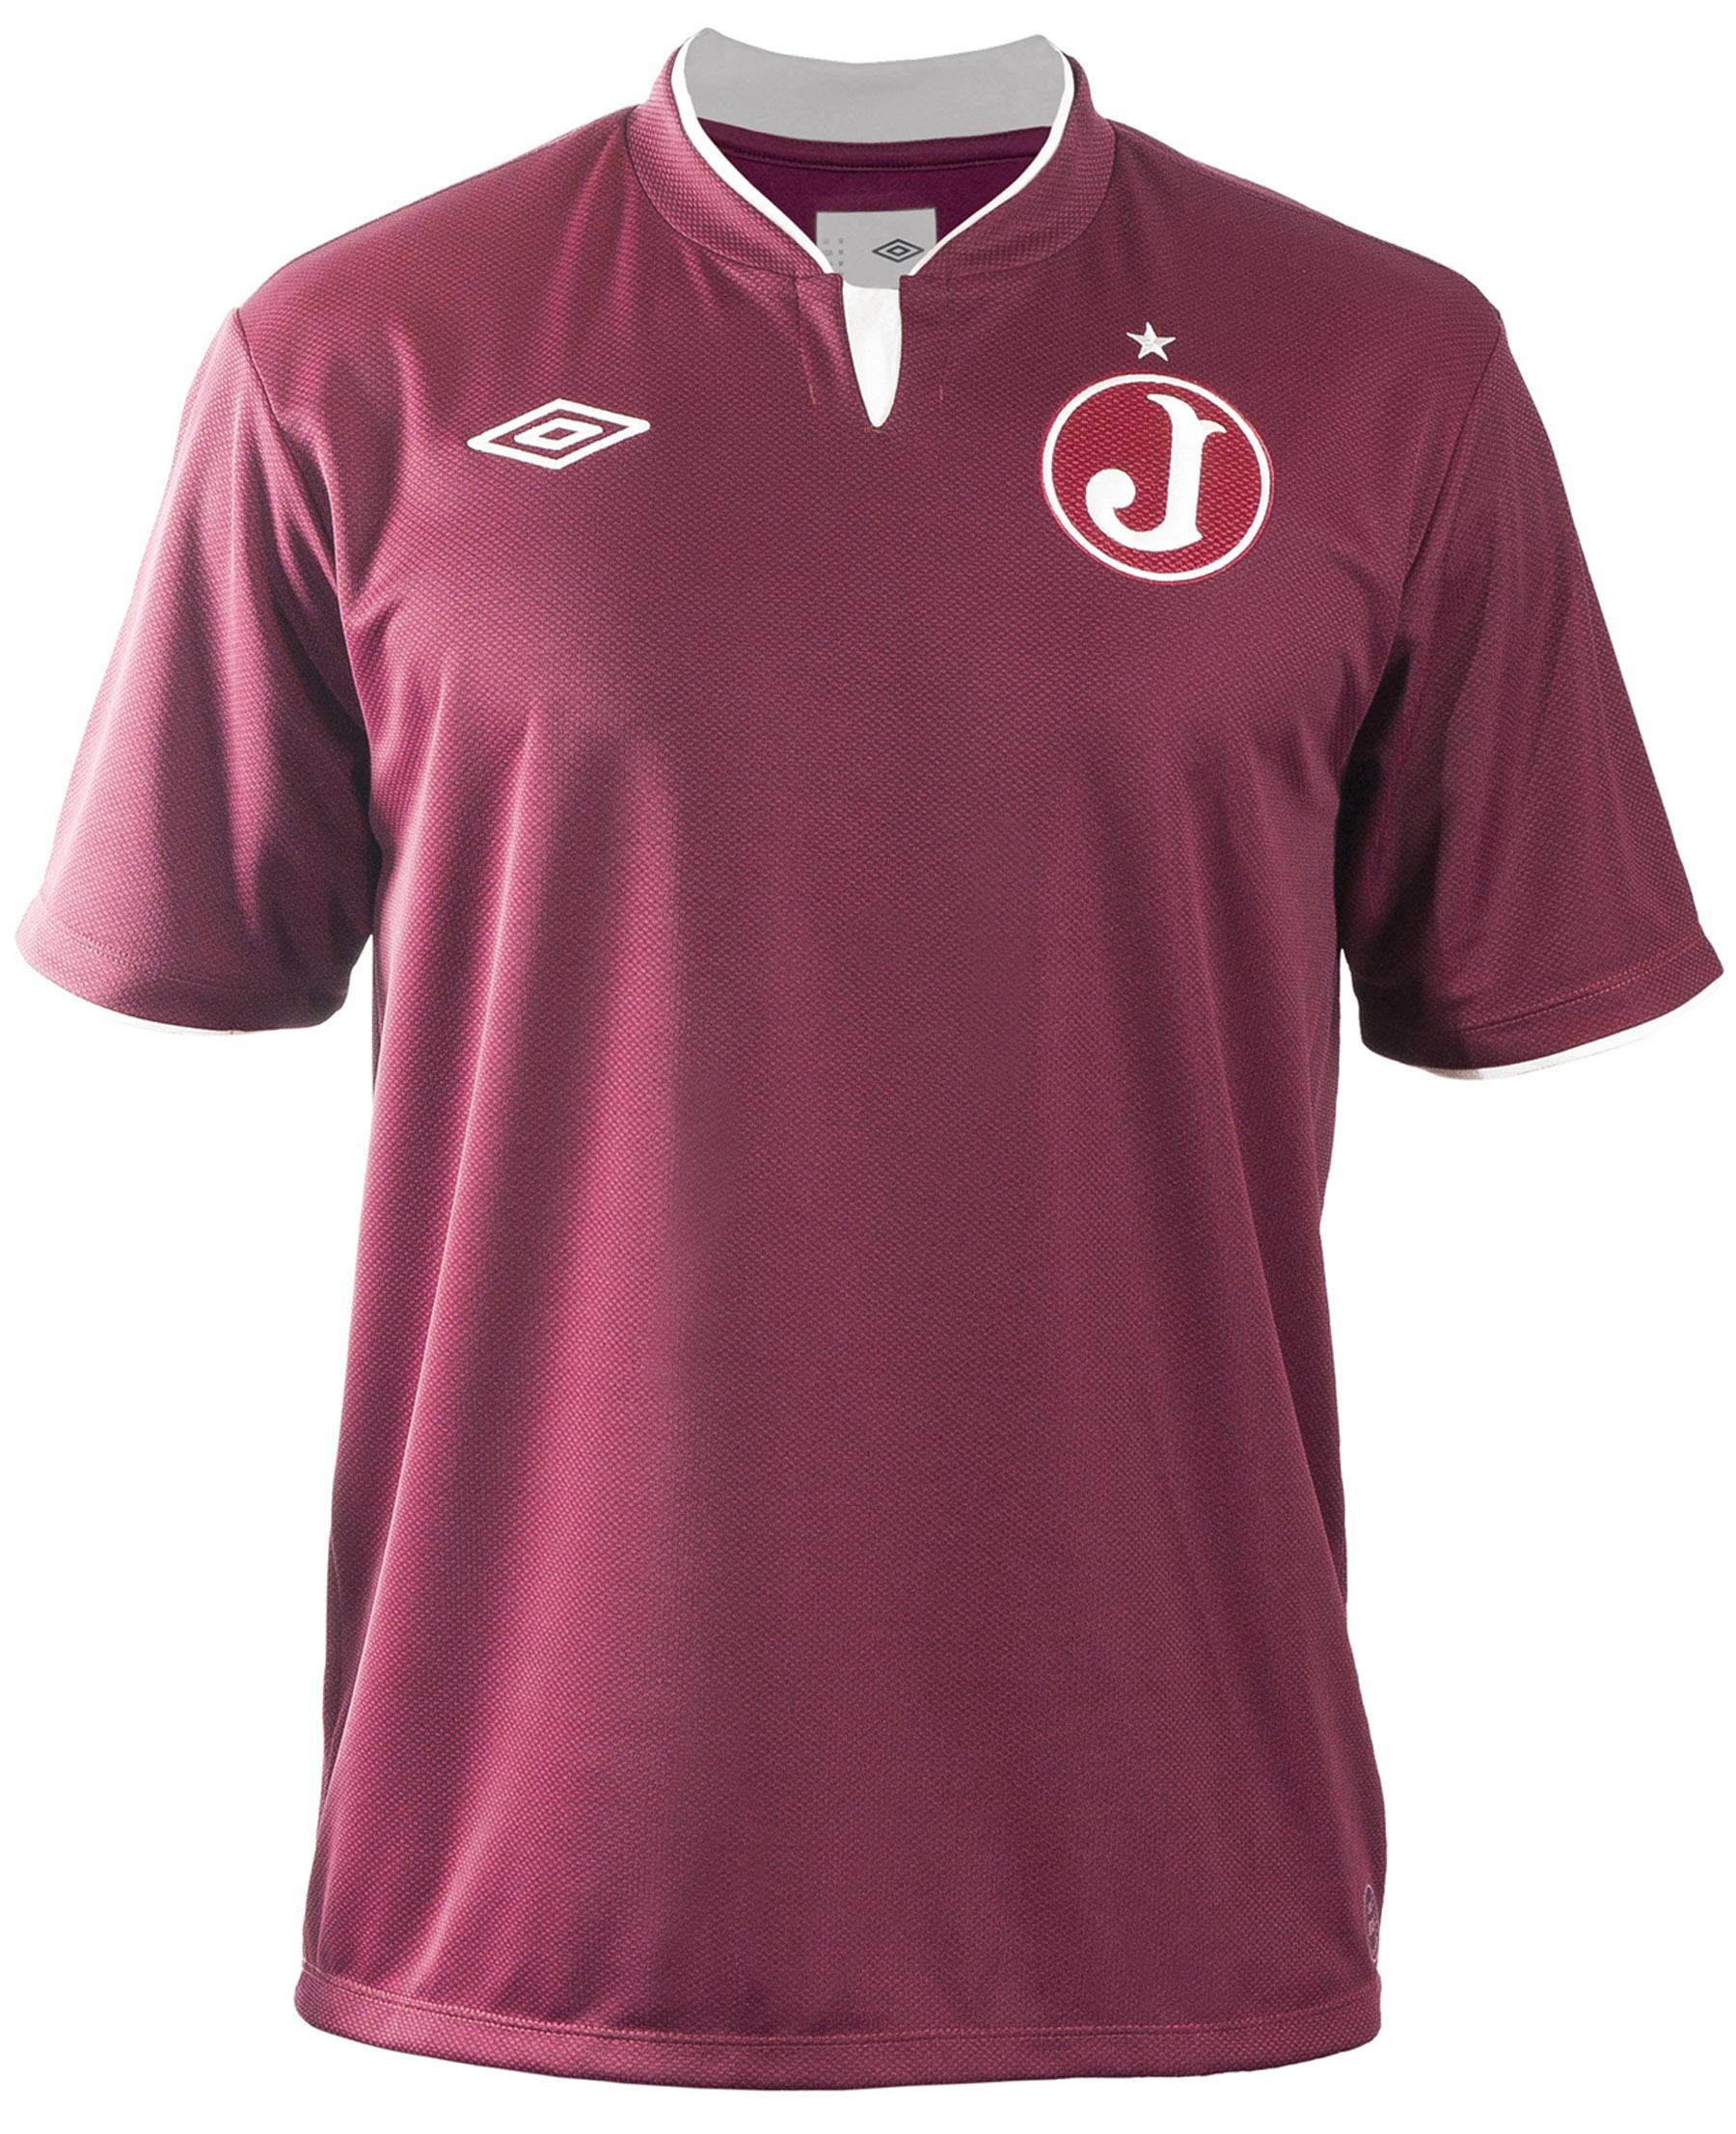 Juventus_CamisaOficial.jpg